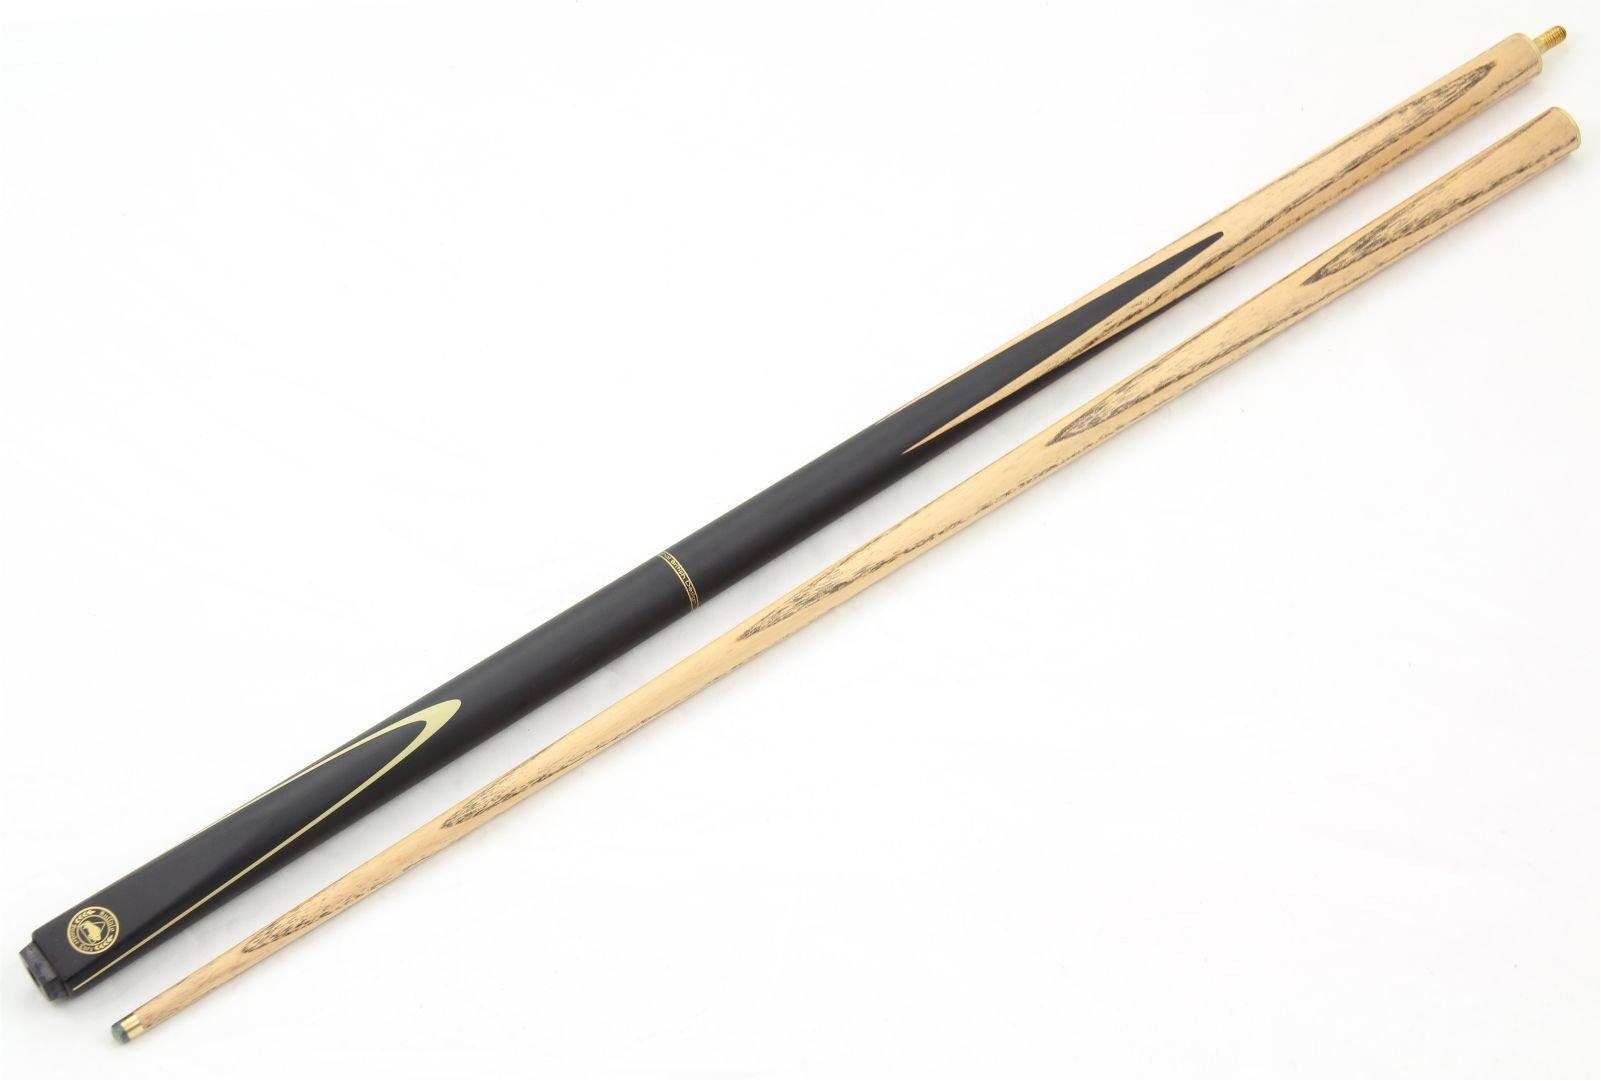 Buffalo Jet Negro 2pc Juego Ash grano billar, pequeño 8,5 mm punta: Amazon.es: Deportes y aire libre